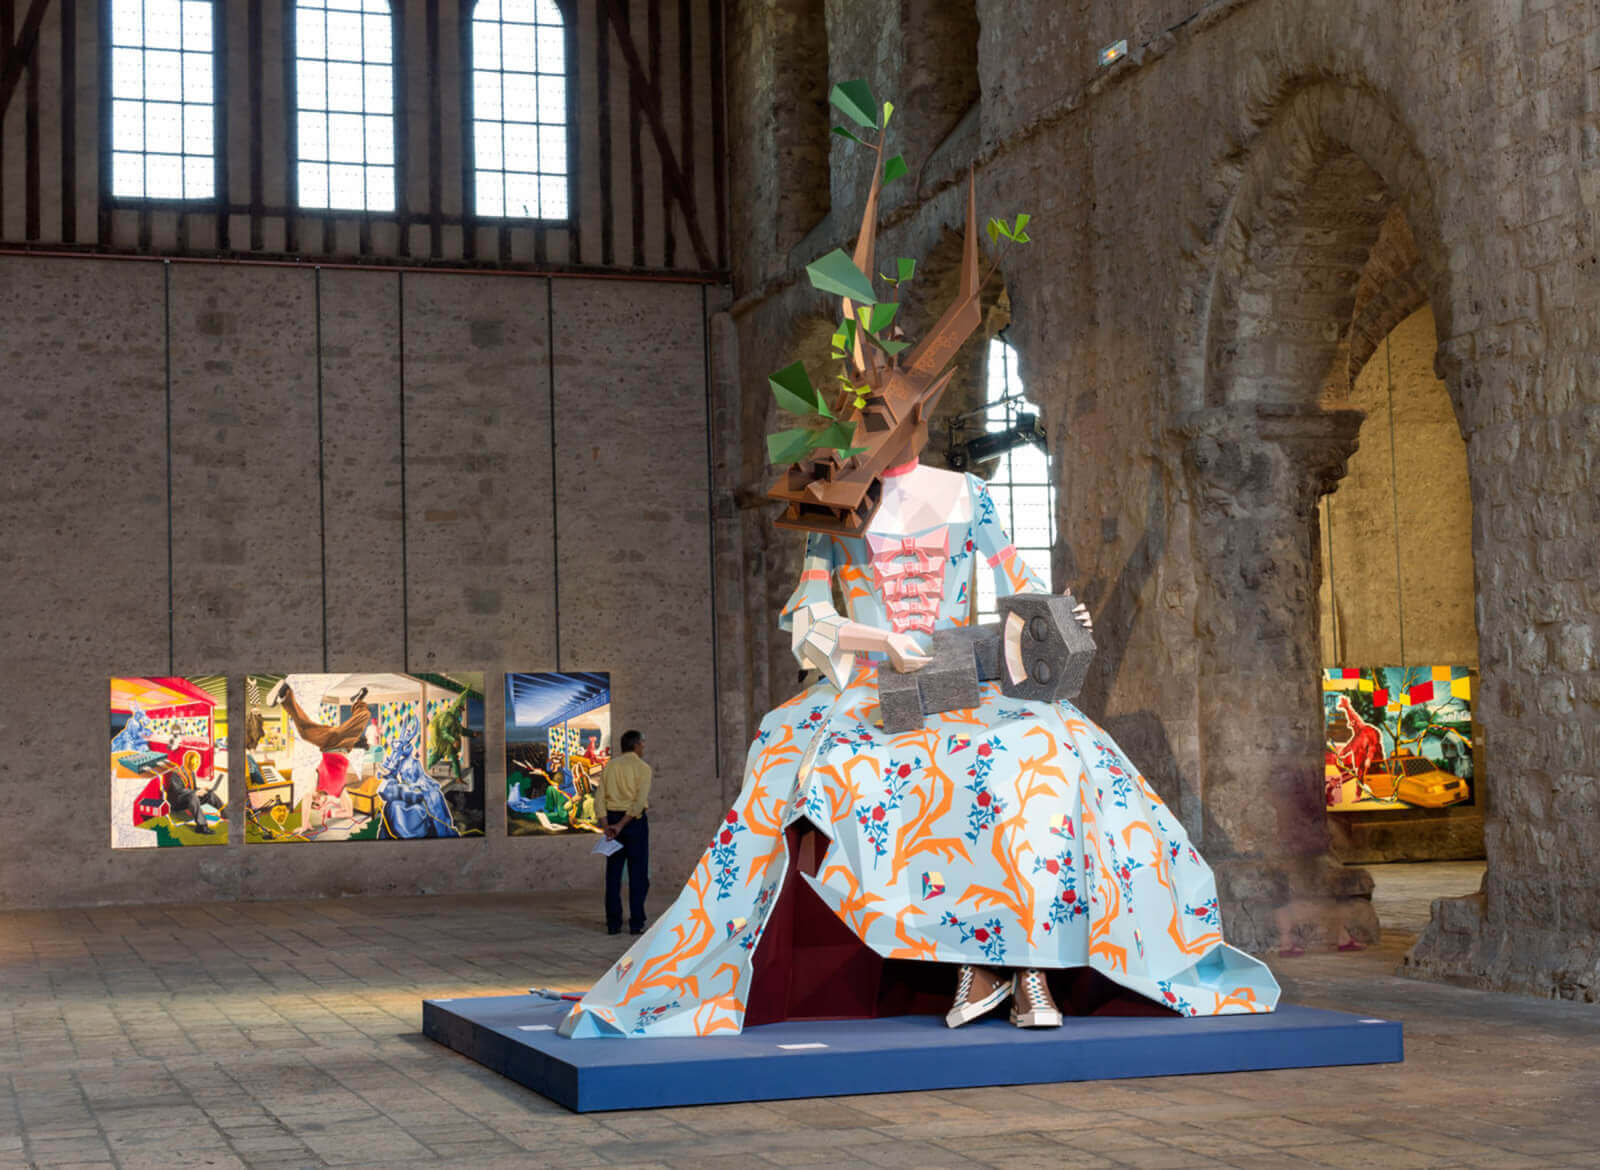 Ateliers Artigo Paris - KATIELO - KRIKI2013 Sculpture monumentale - Techniques mixtes - Collégiale St André - Chartres